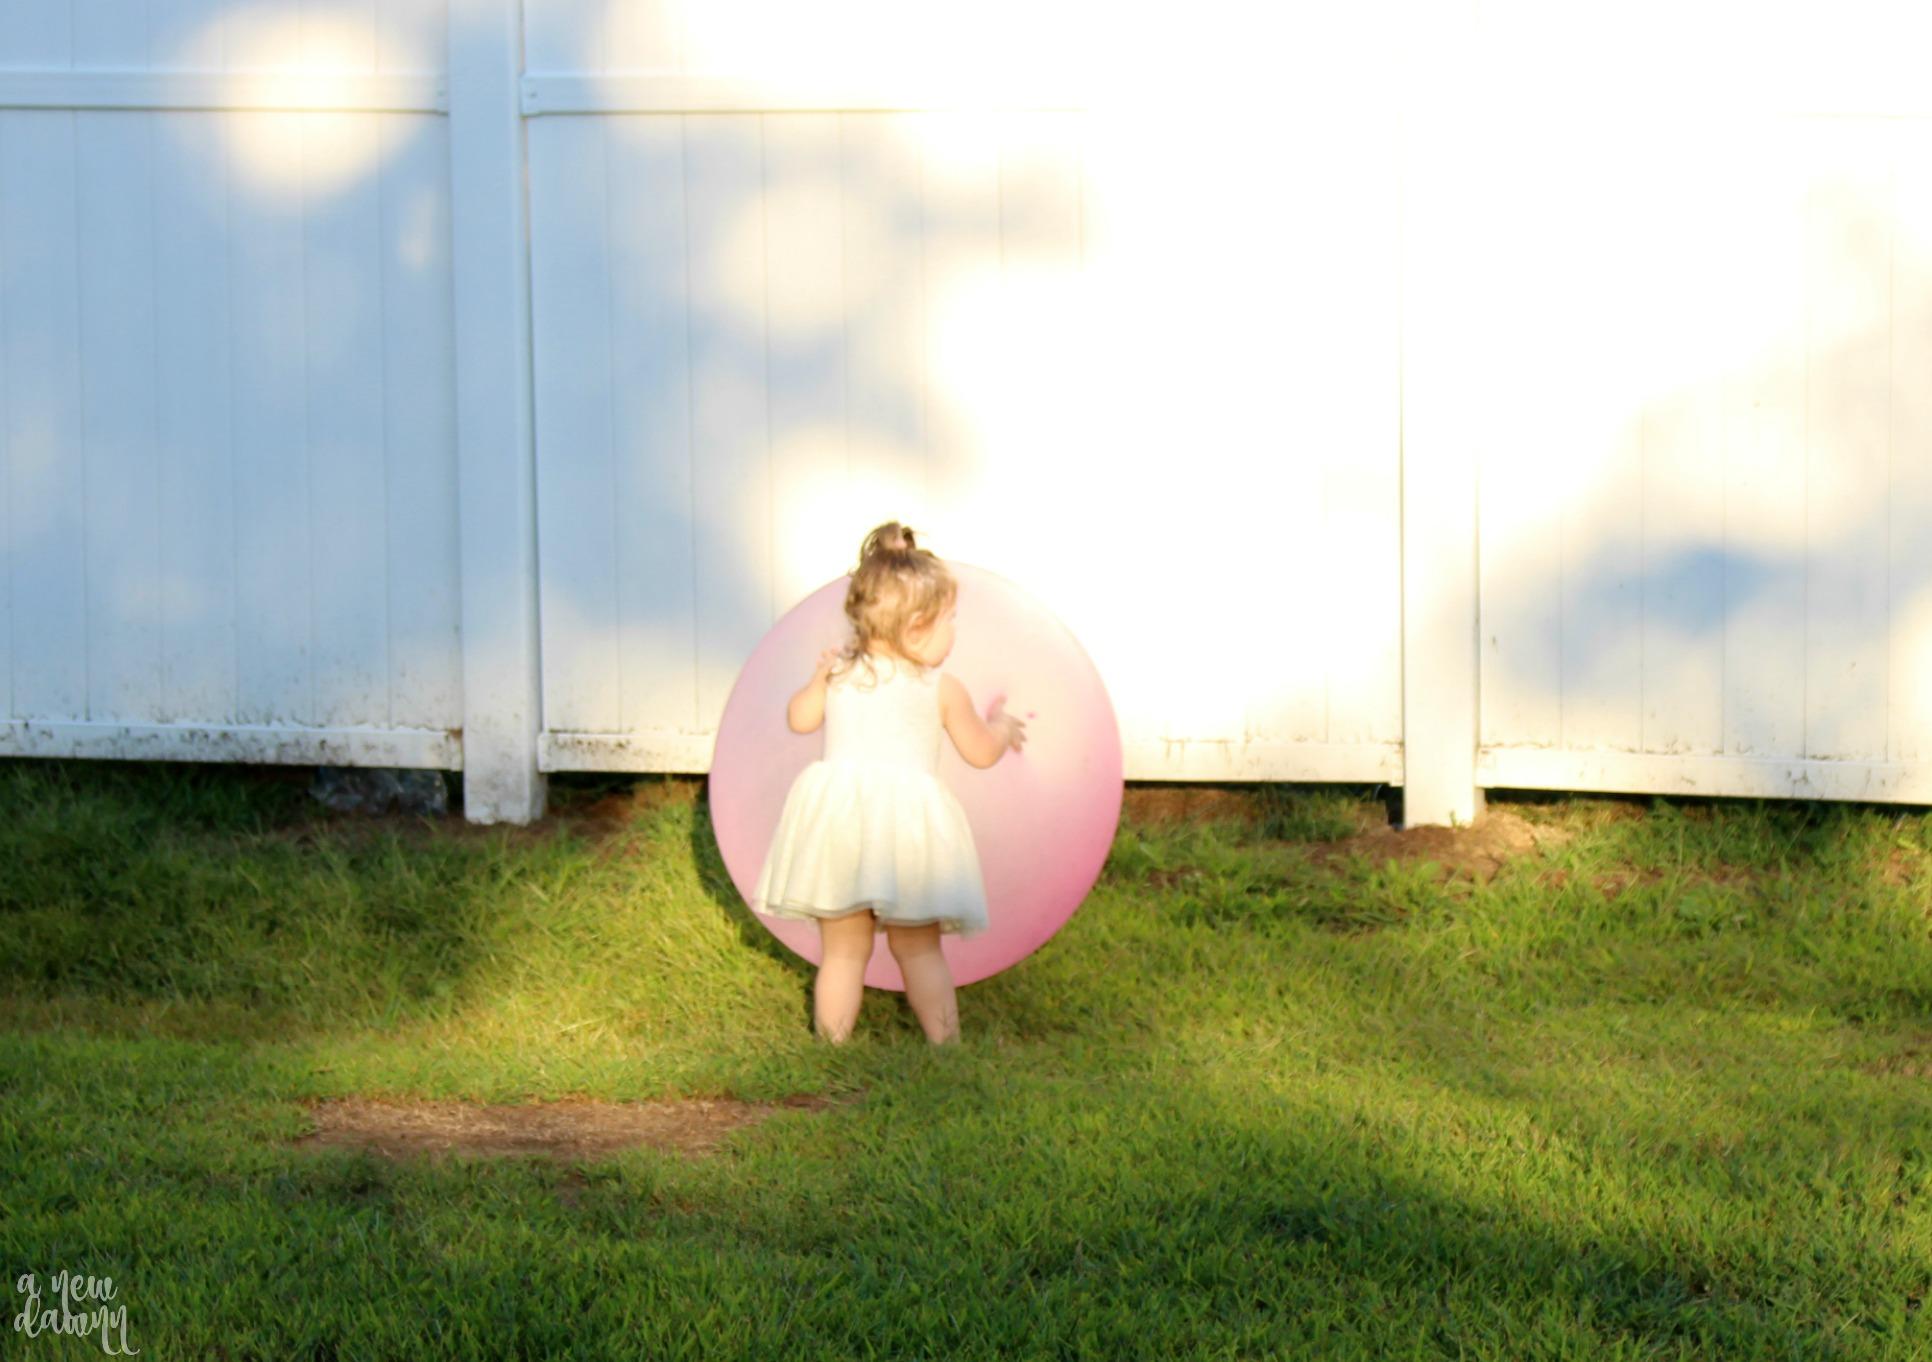 SuperWubble Bubble Ball